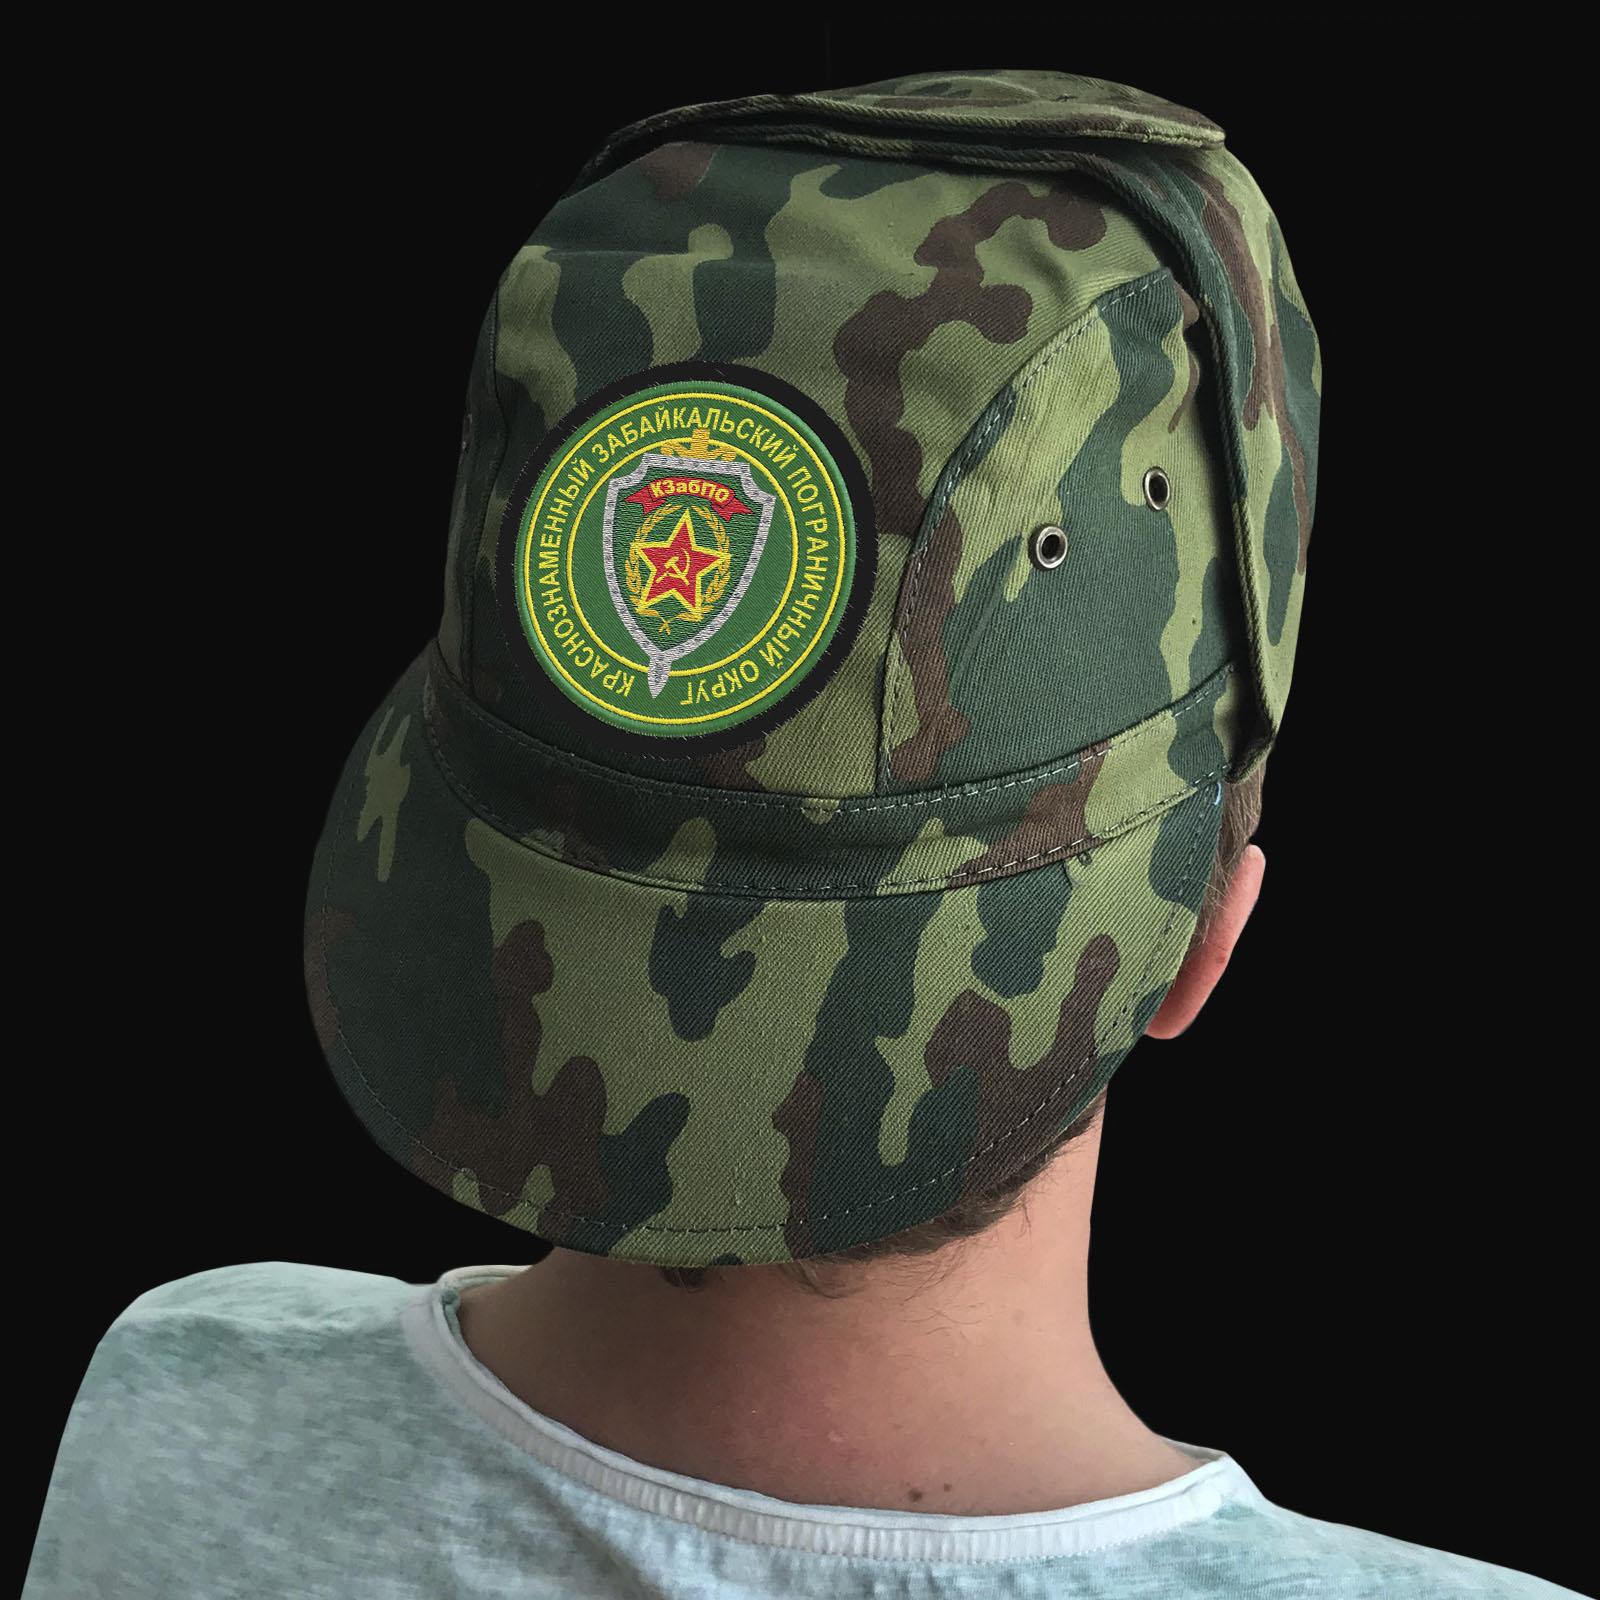 Качественная мужская кепка с вышитым шевроном КЗабПО